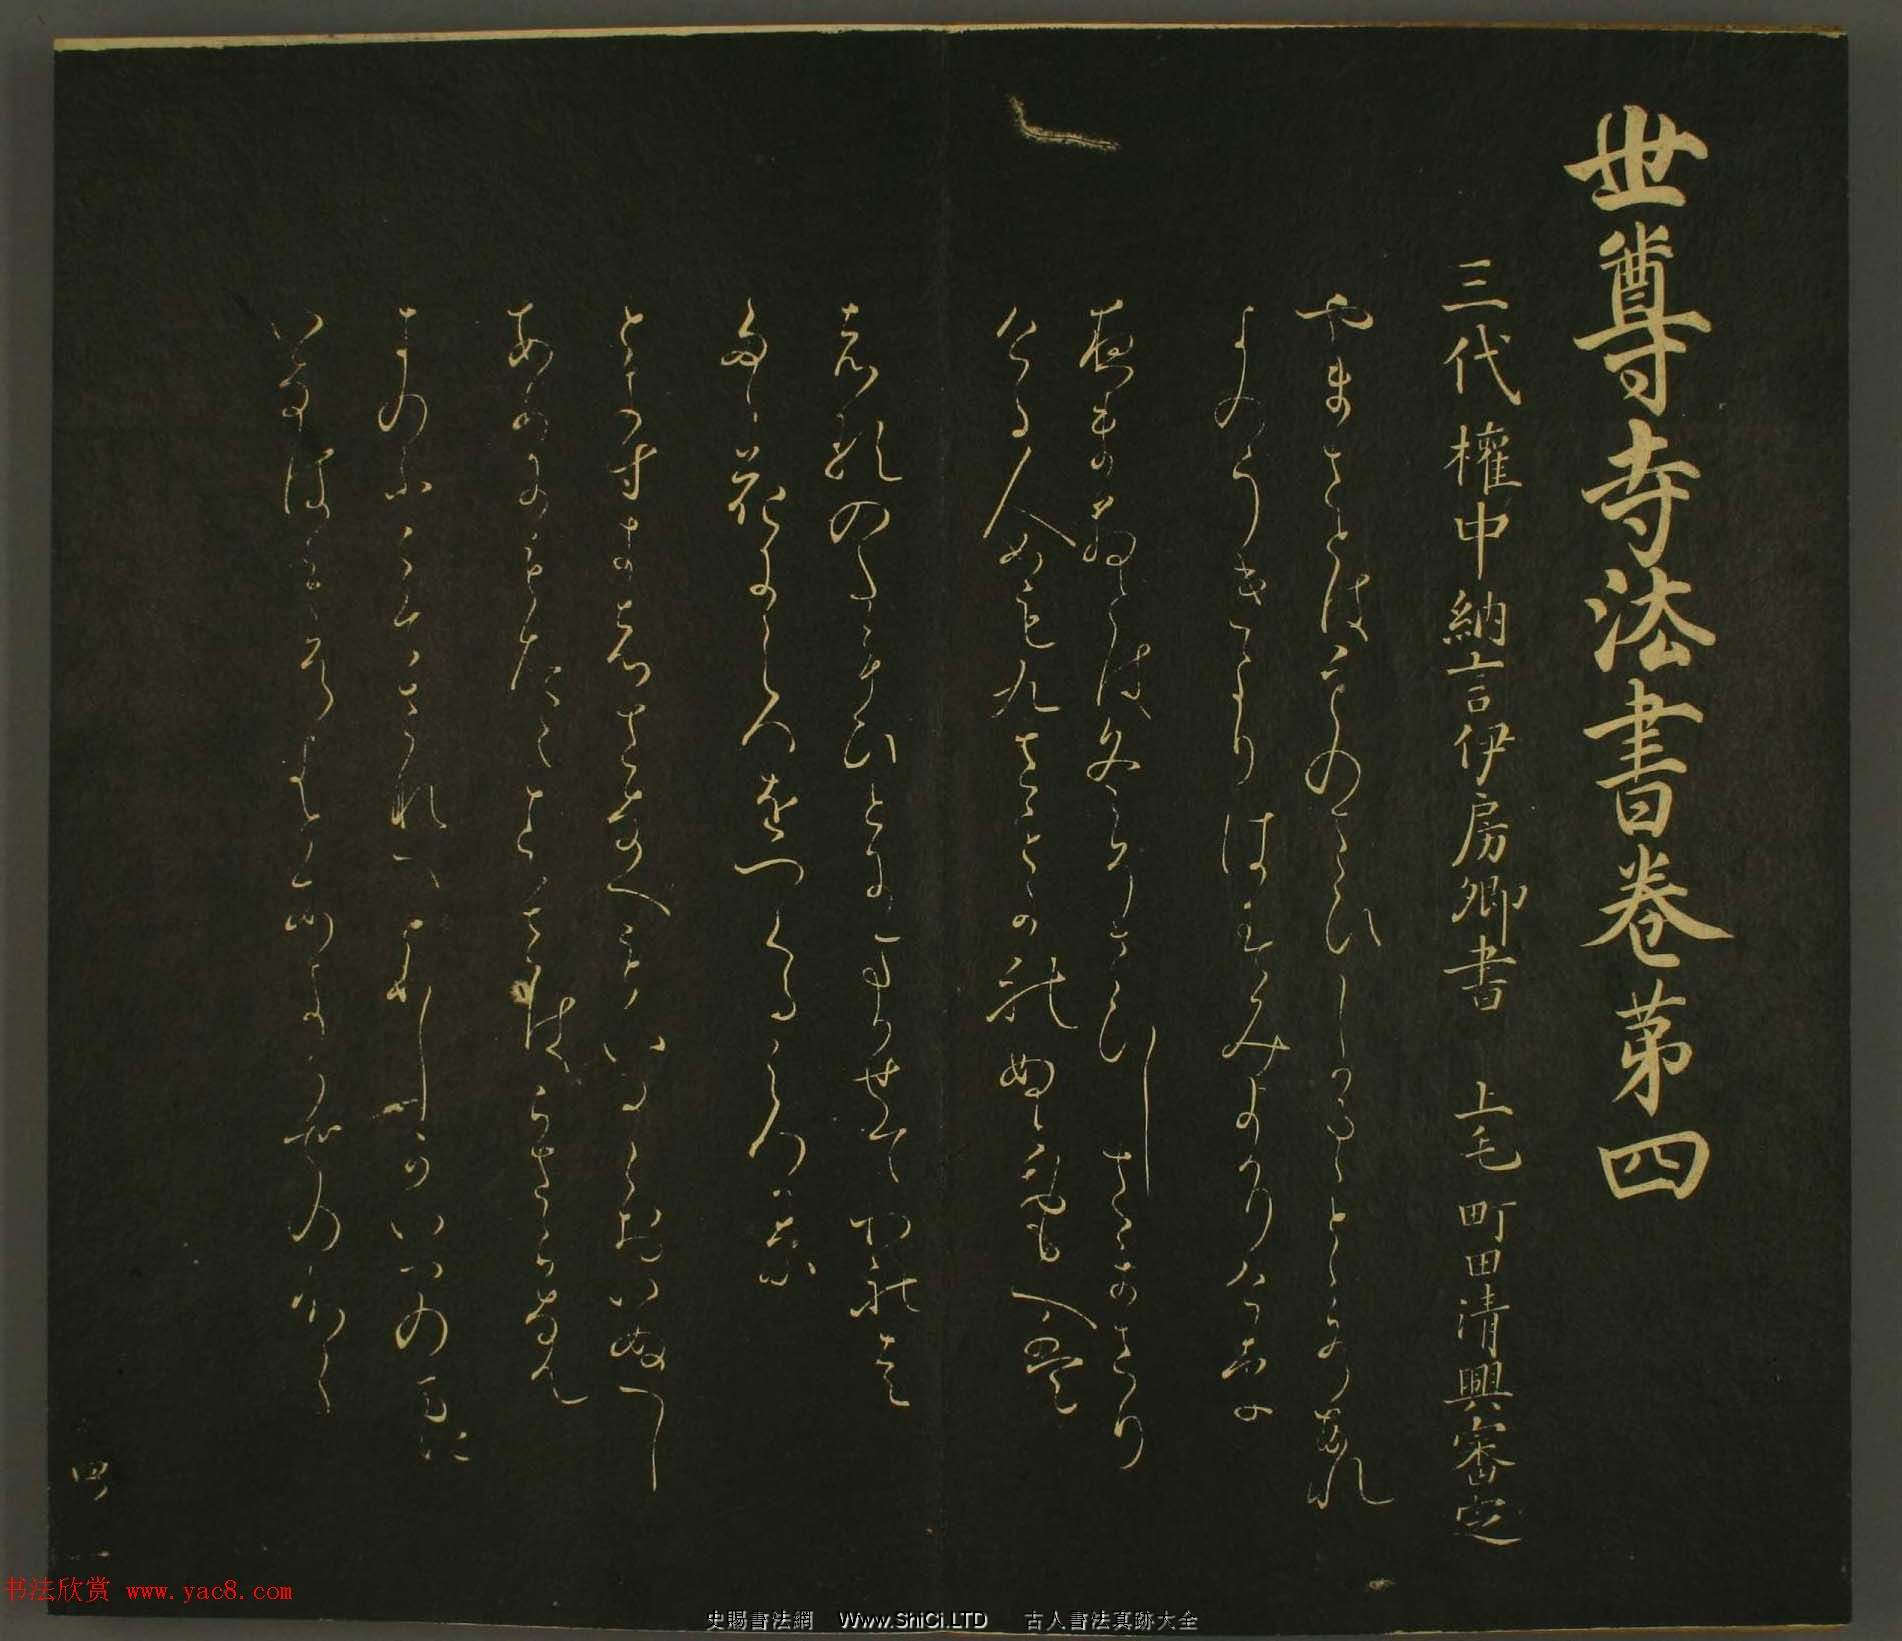 日本權中納言伊房卿書法-世尊寺法書卷第四(共20張圖片)